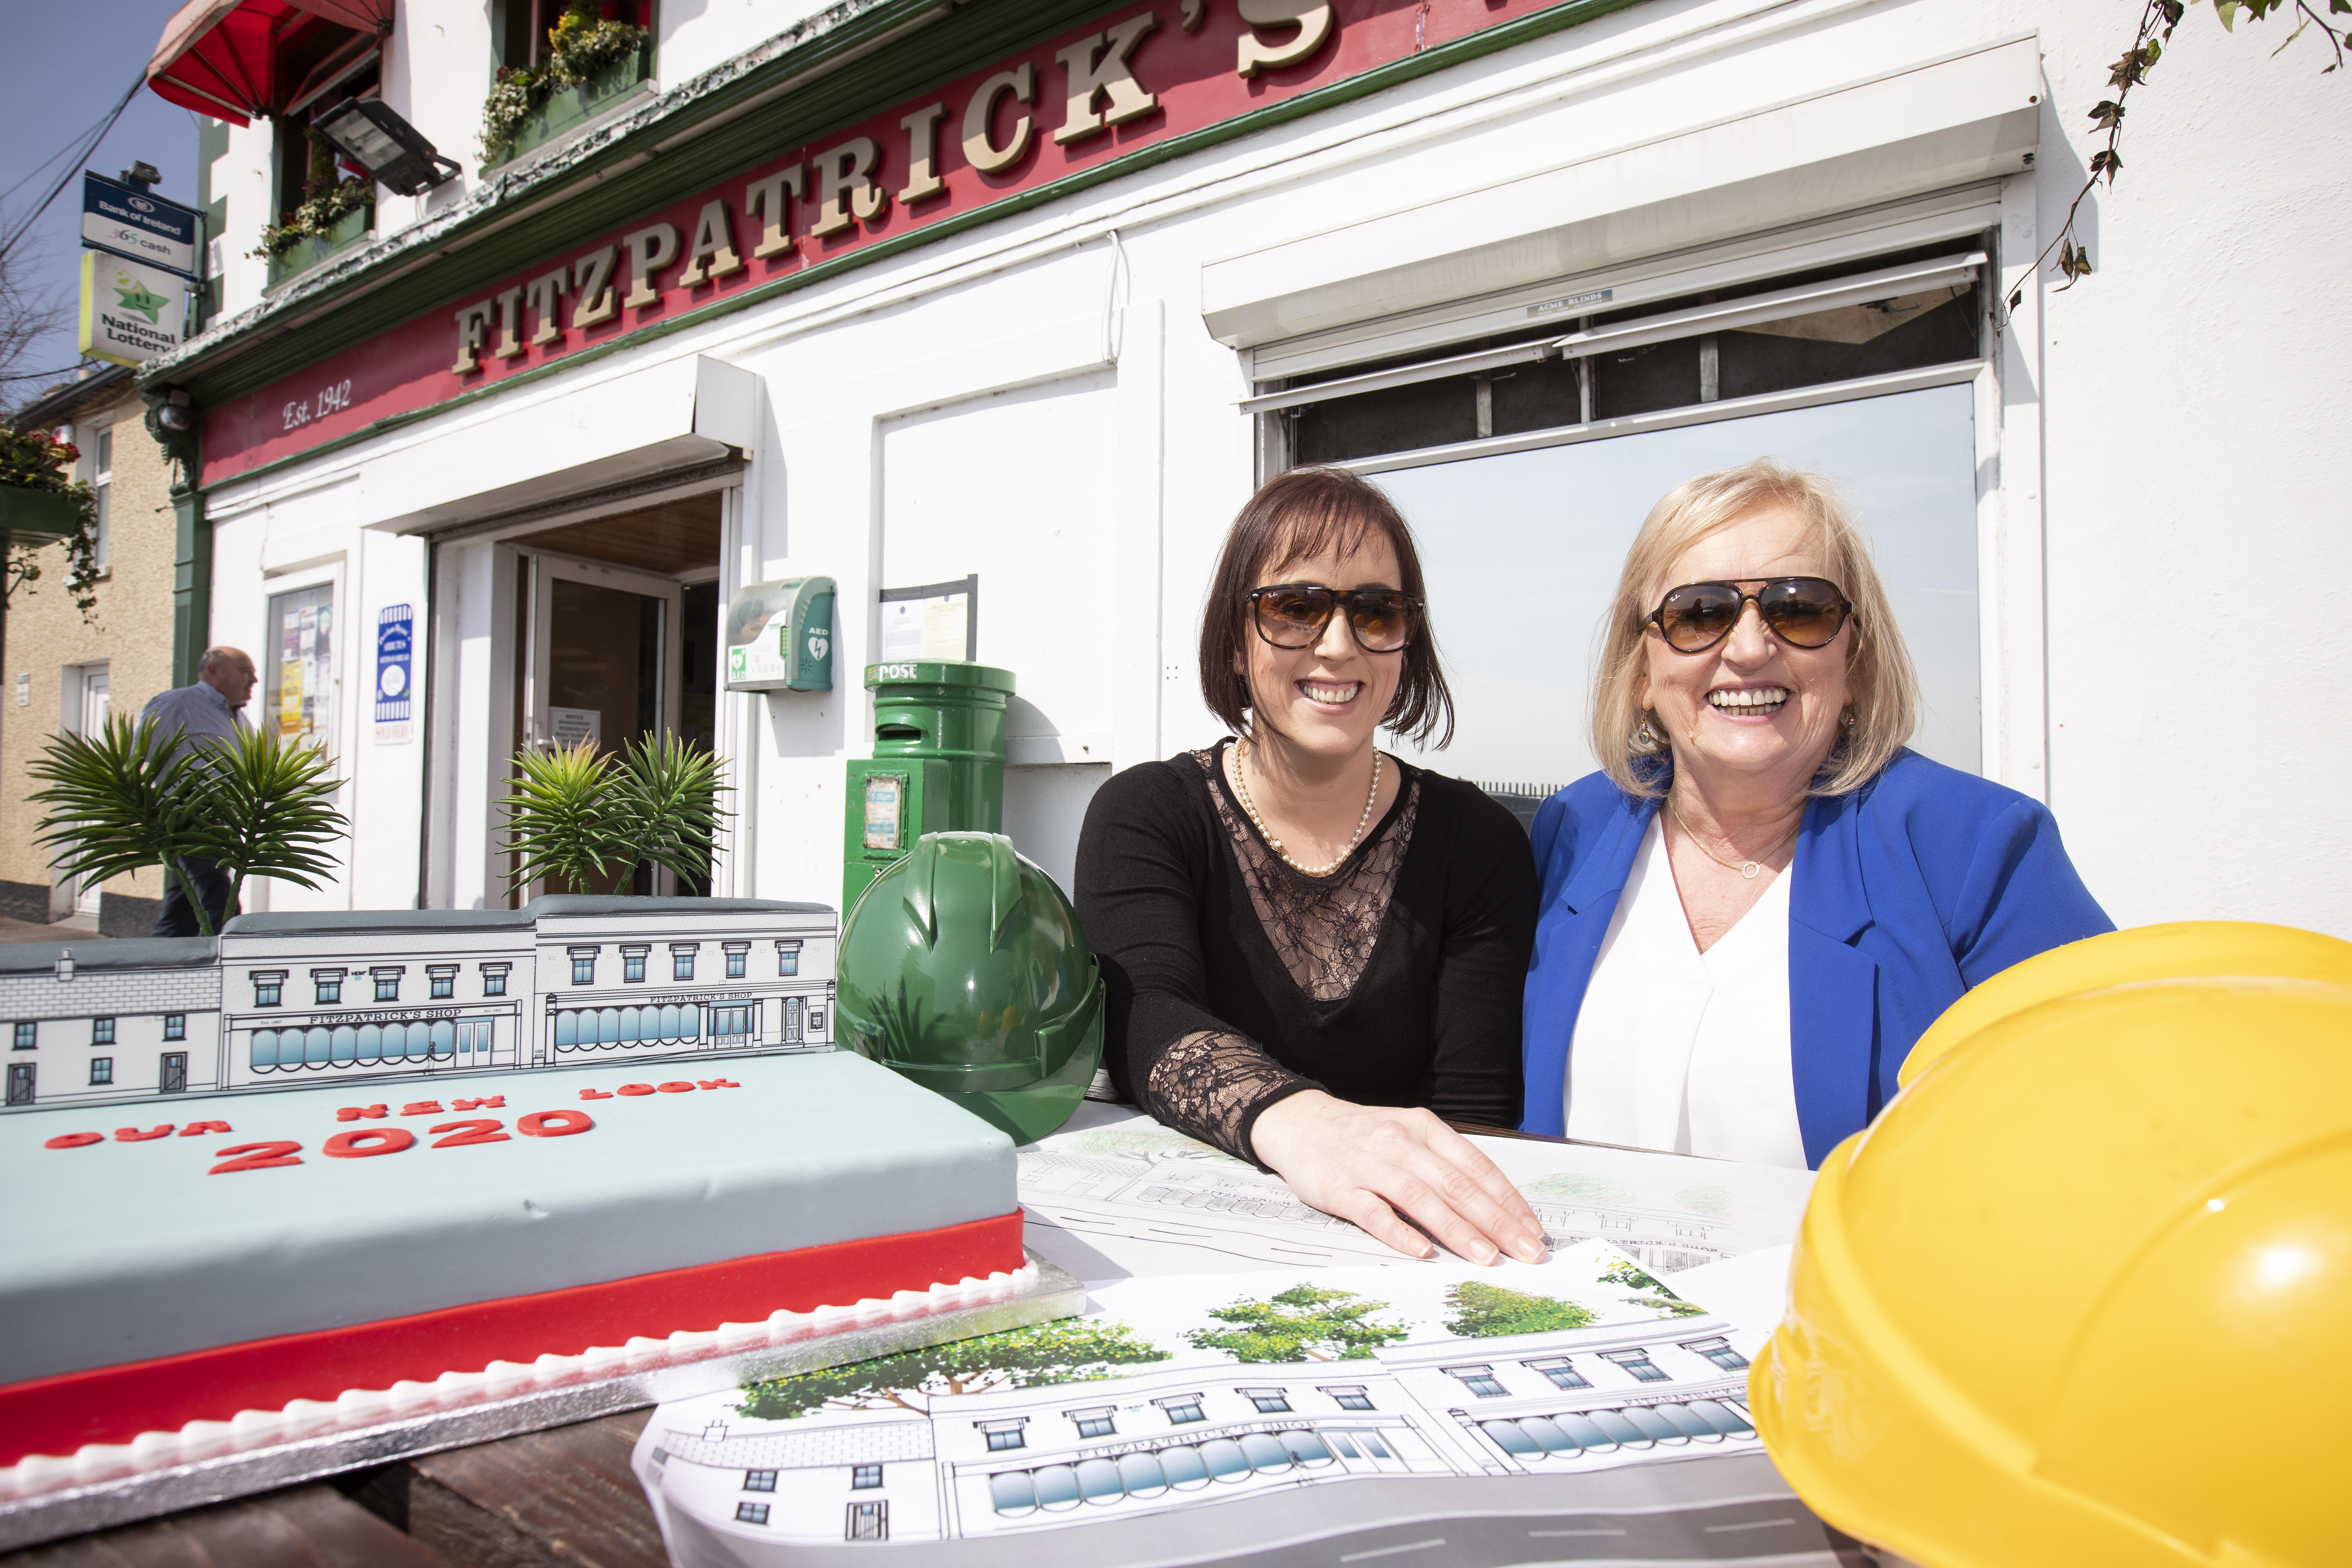 Fitzpatrick's Foodstore announces €2 million redevelopment